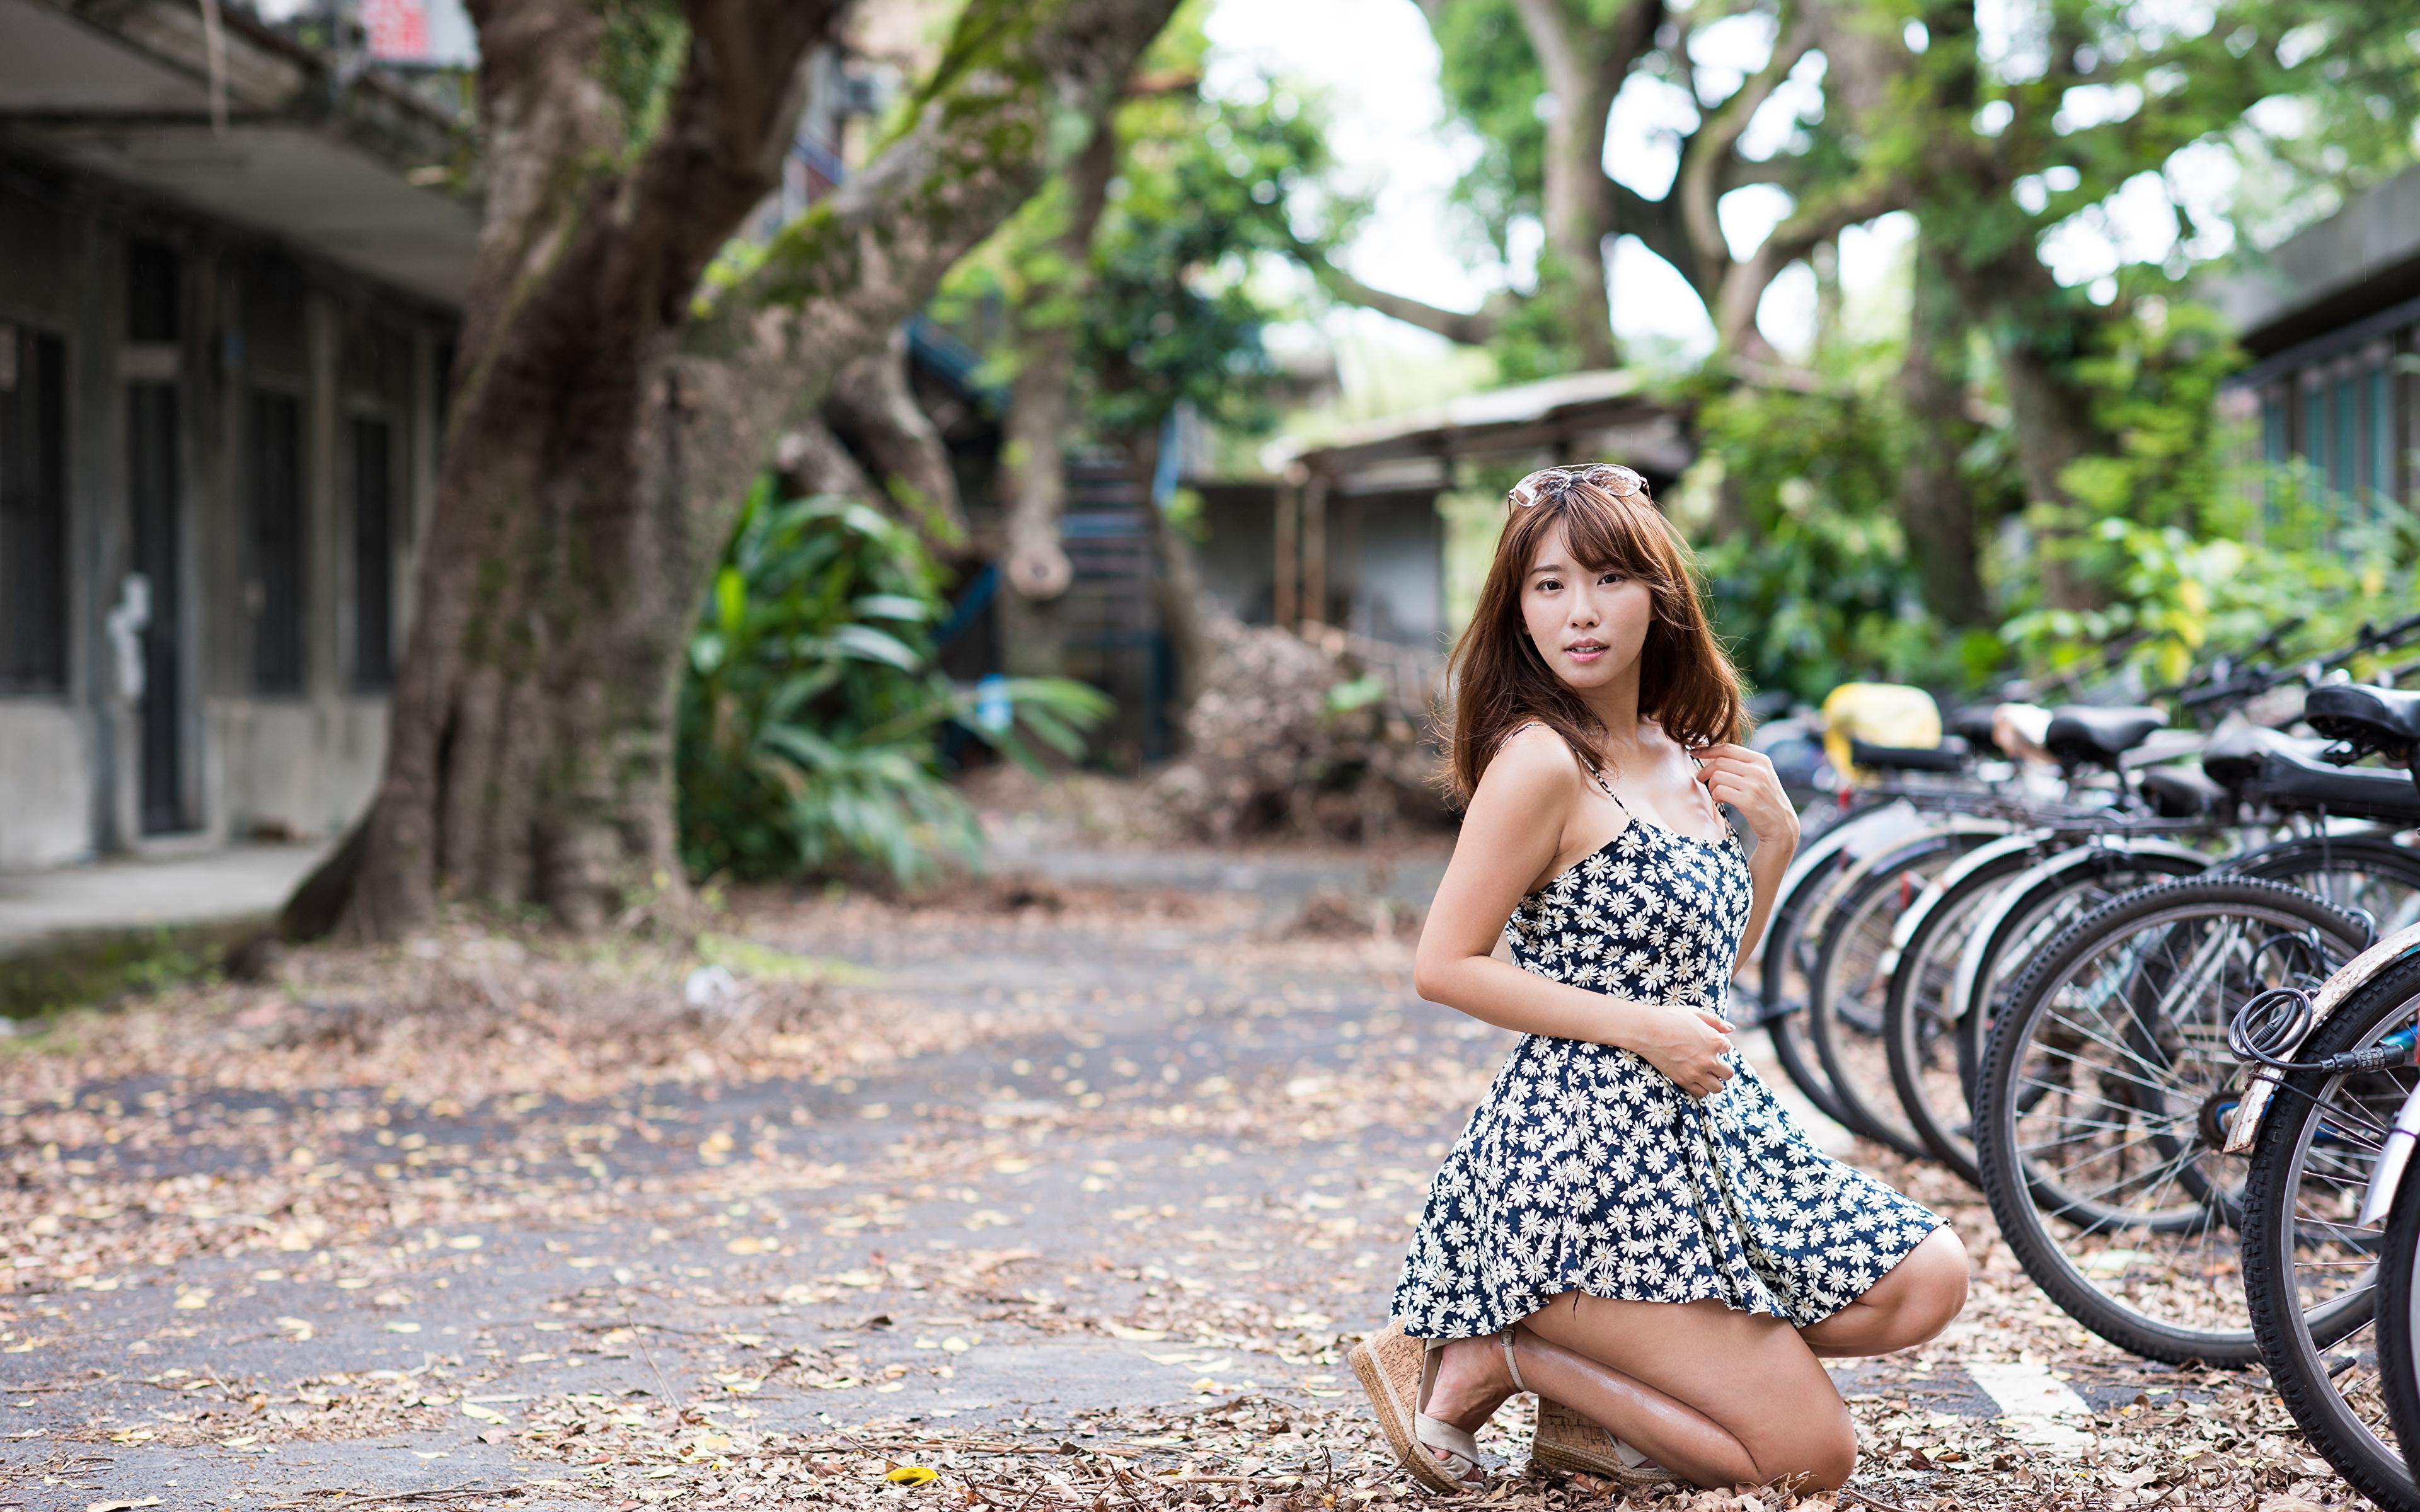 3840x2400 Asiático Cabello castaño Bokeh Vestido Bicicleta mujer joven, mujeres jóvenes, asiática, bicicletas, pelo castaño, fondo borroso Chicas